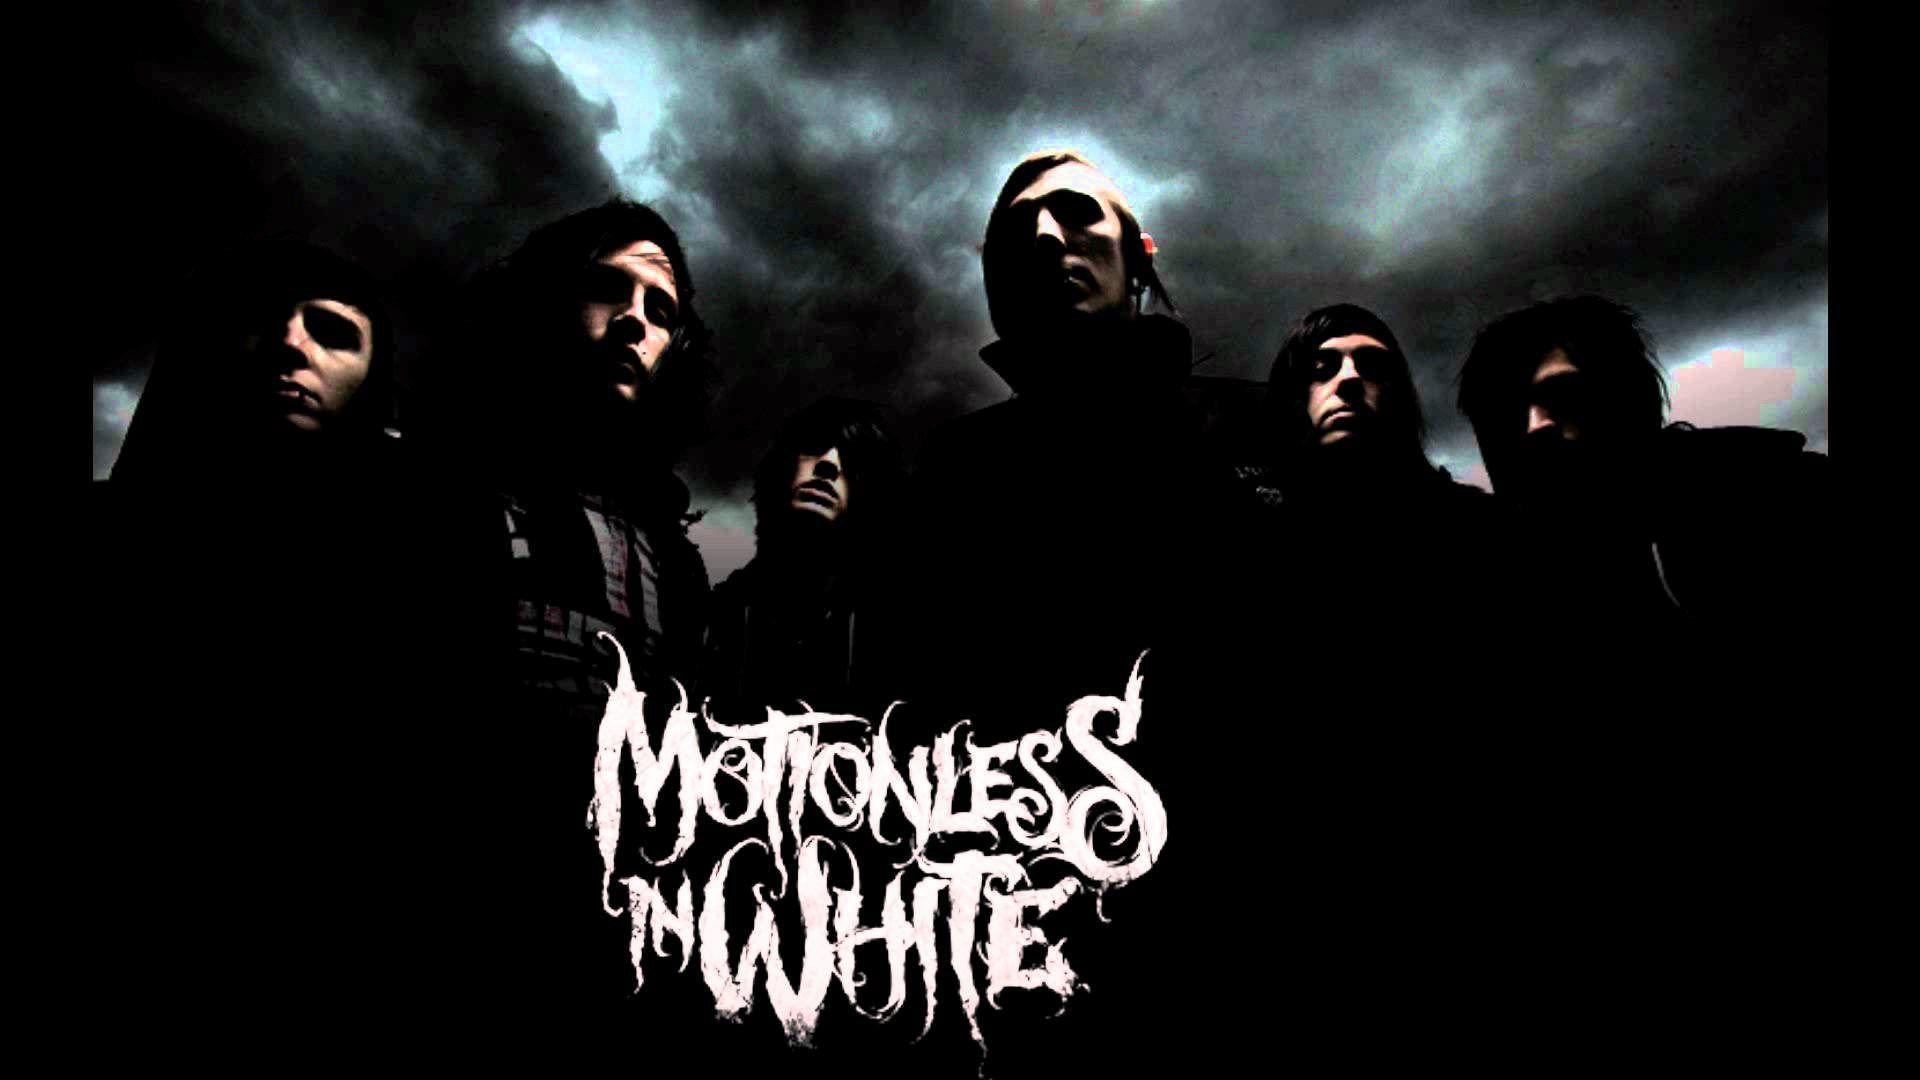 Motionless In White Wallpaper Best